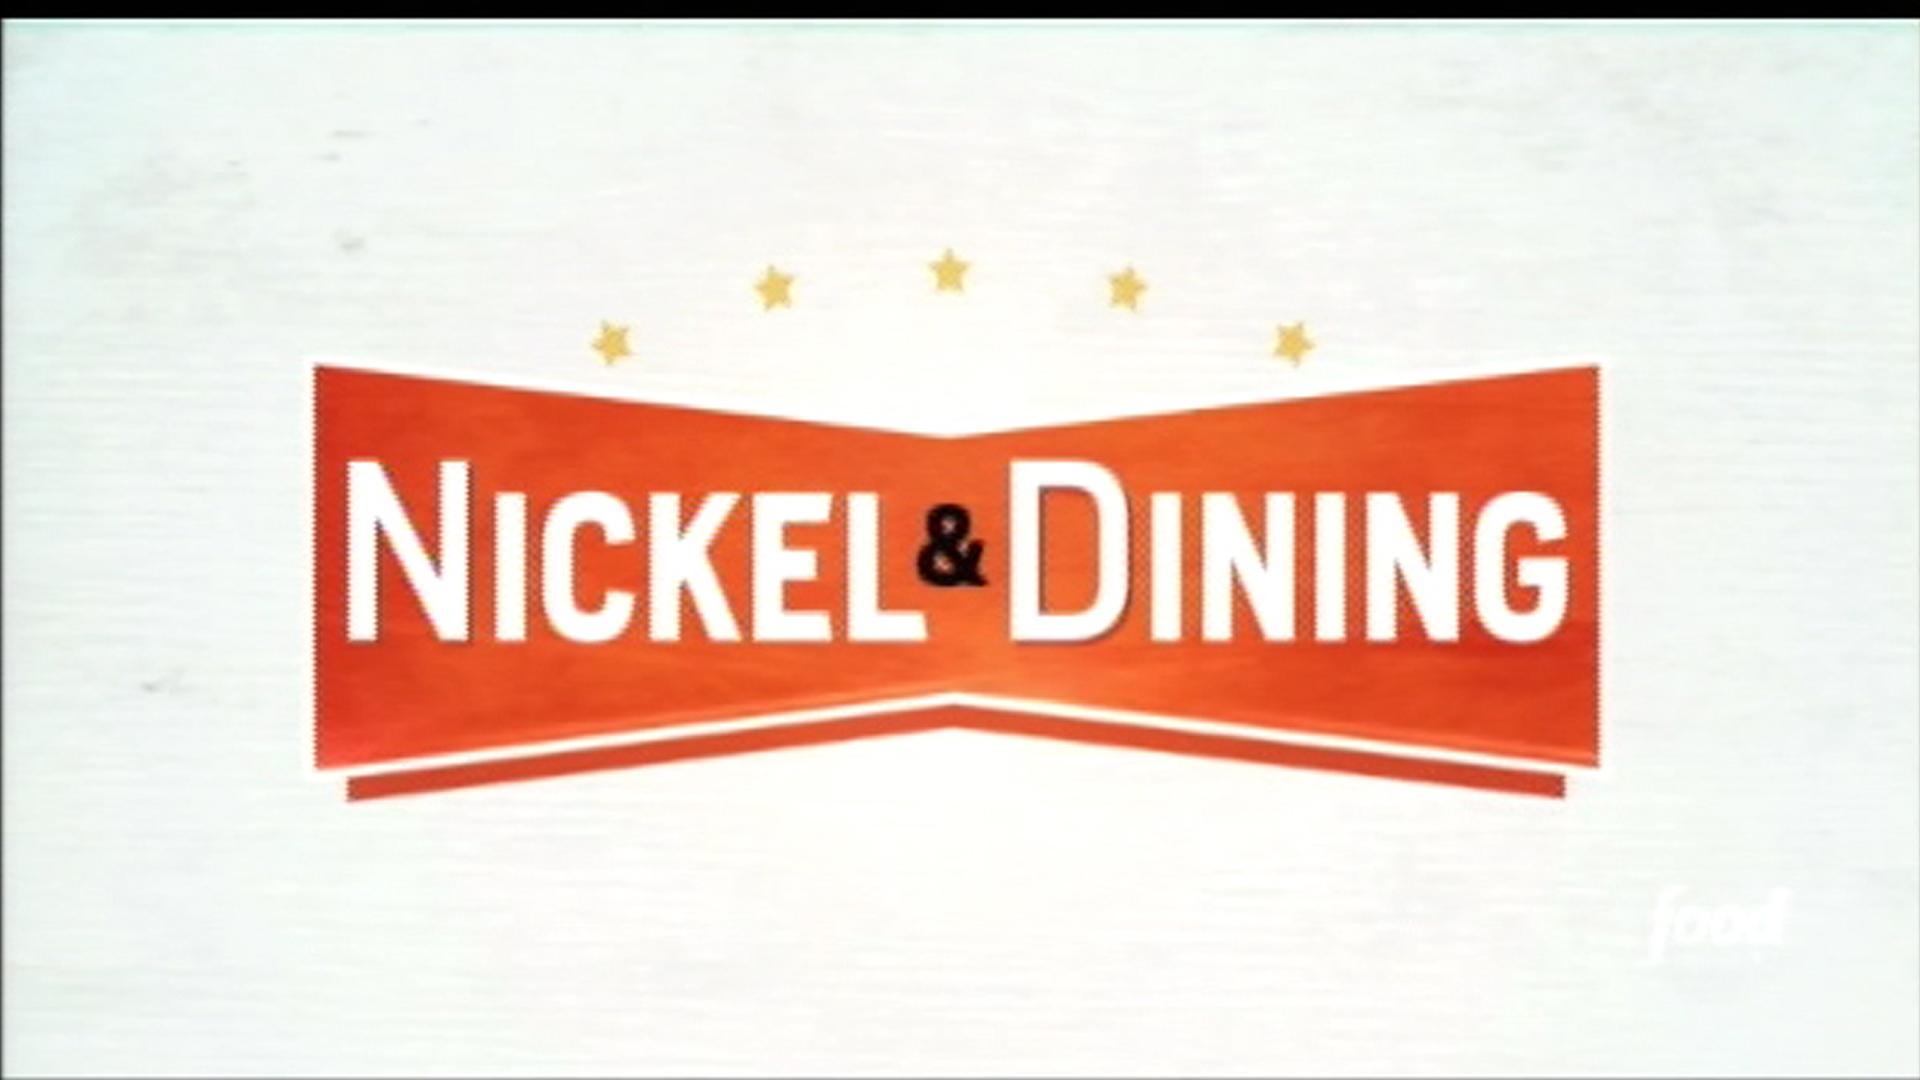 Nickel & Dining